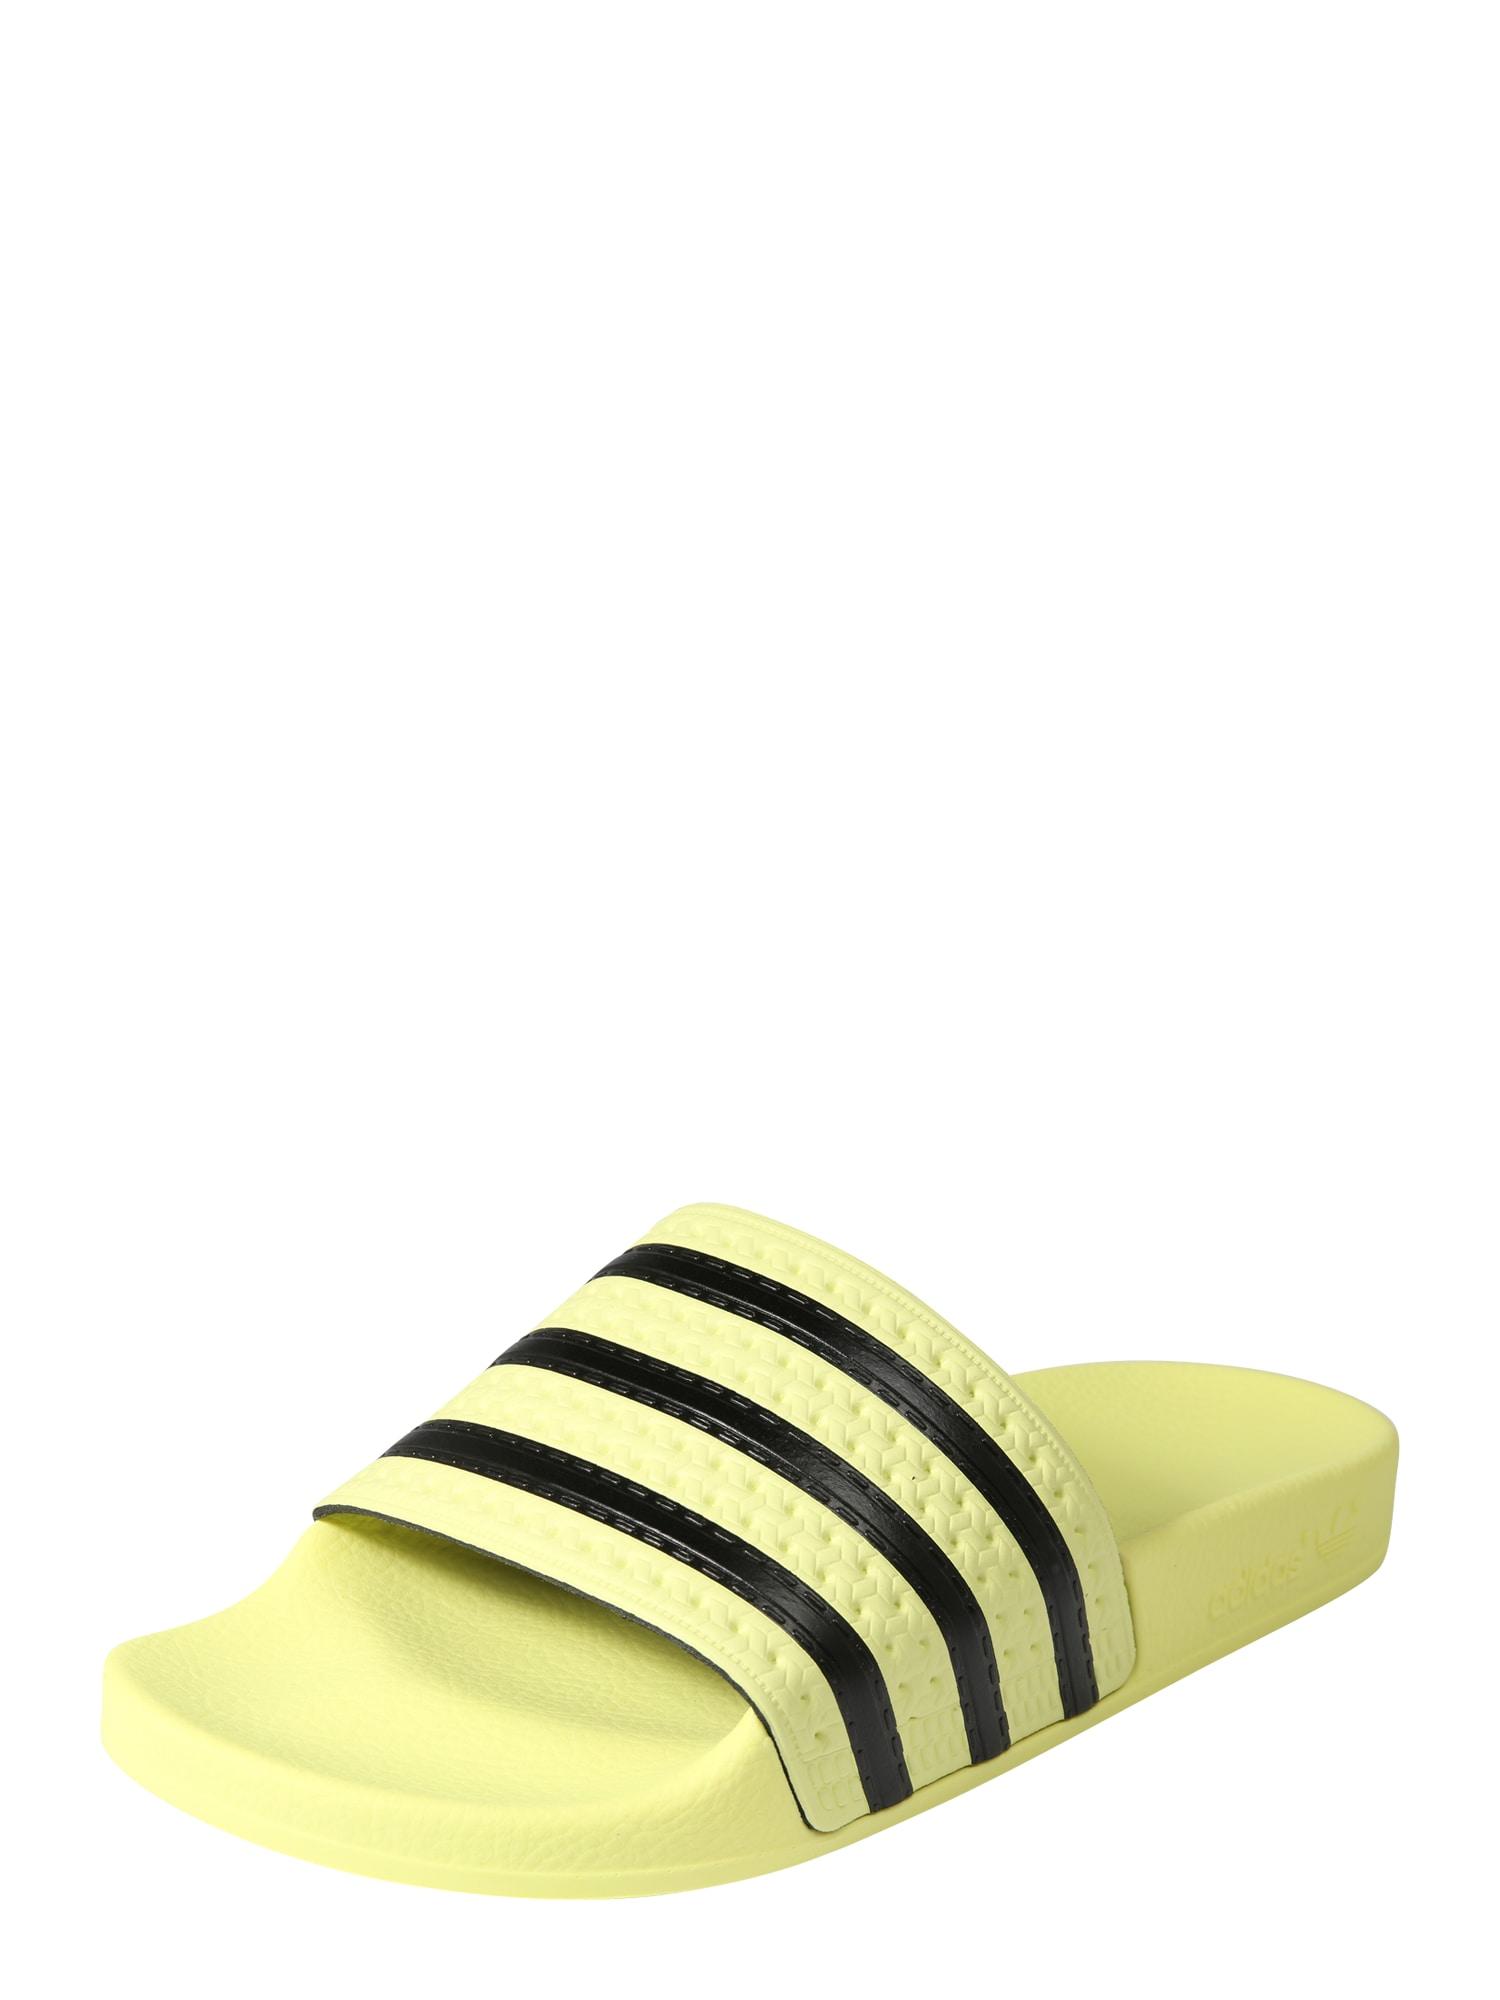 Plážovákoupací obuv pastelově žlutá černá ADIDAS ORIGINALS